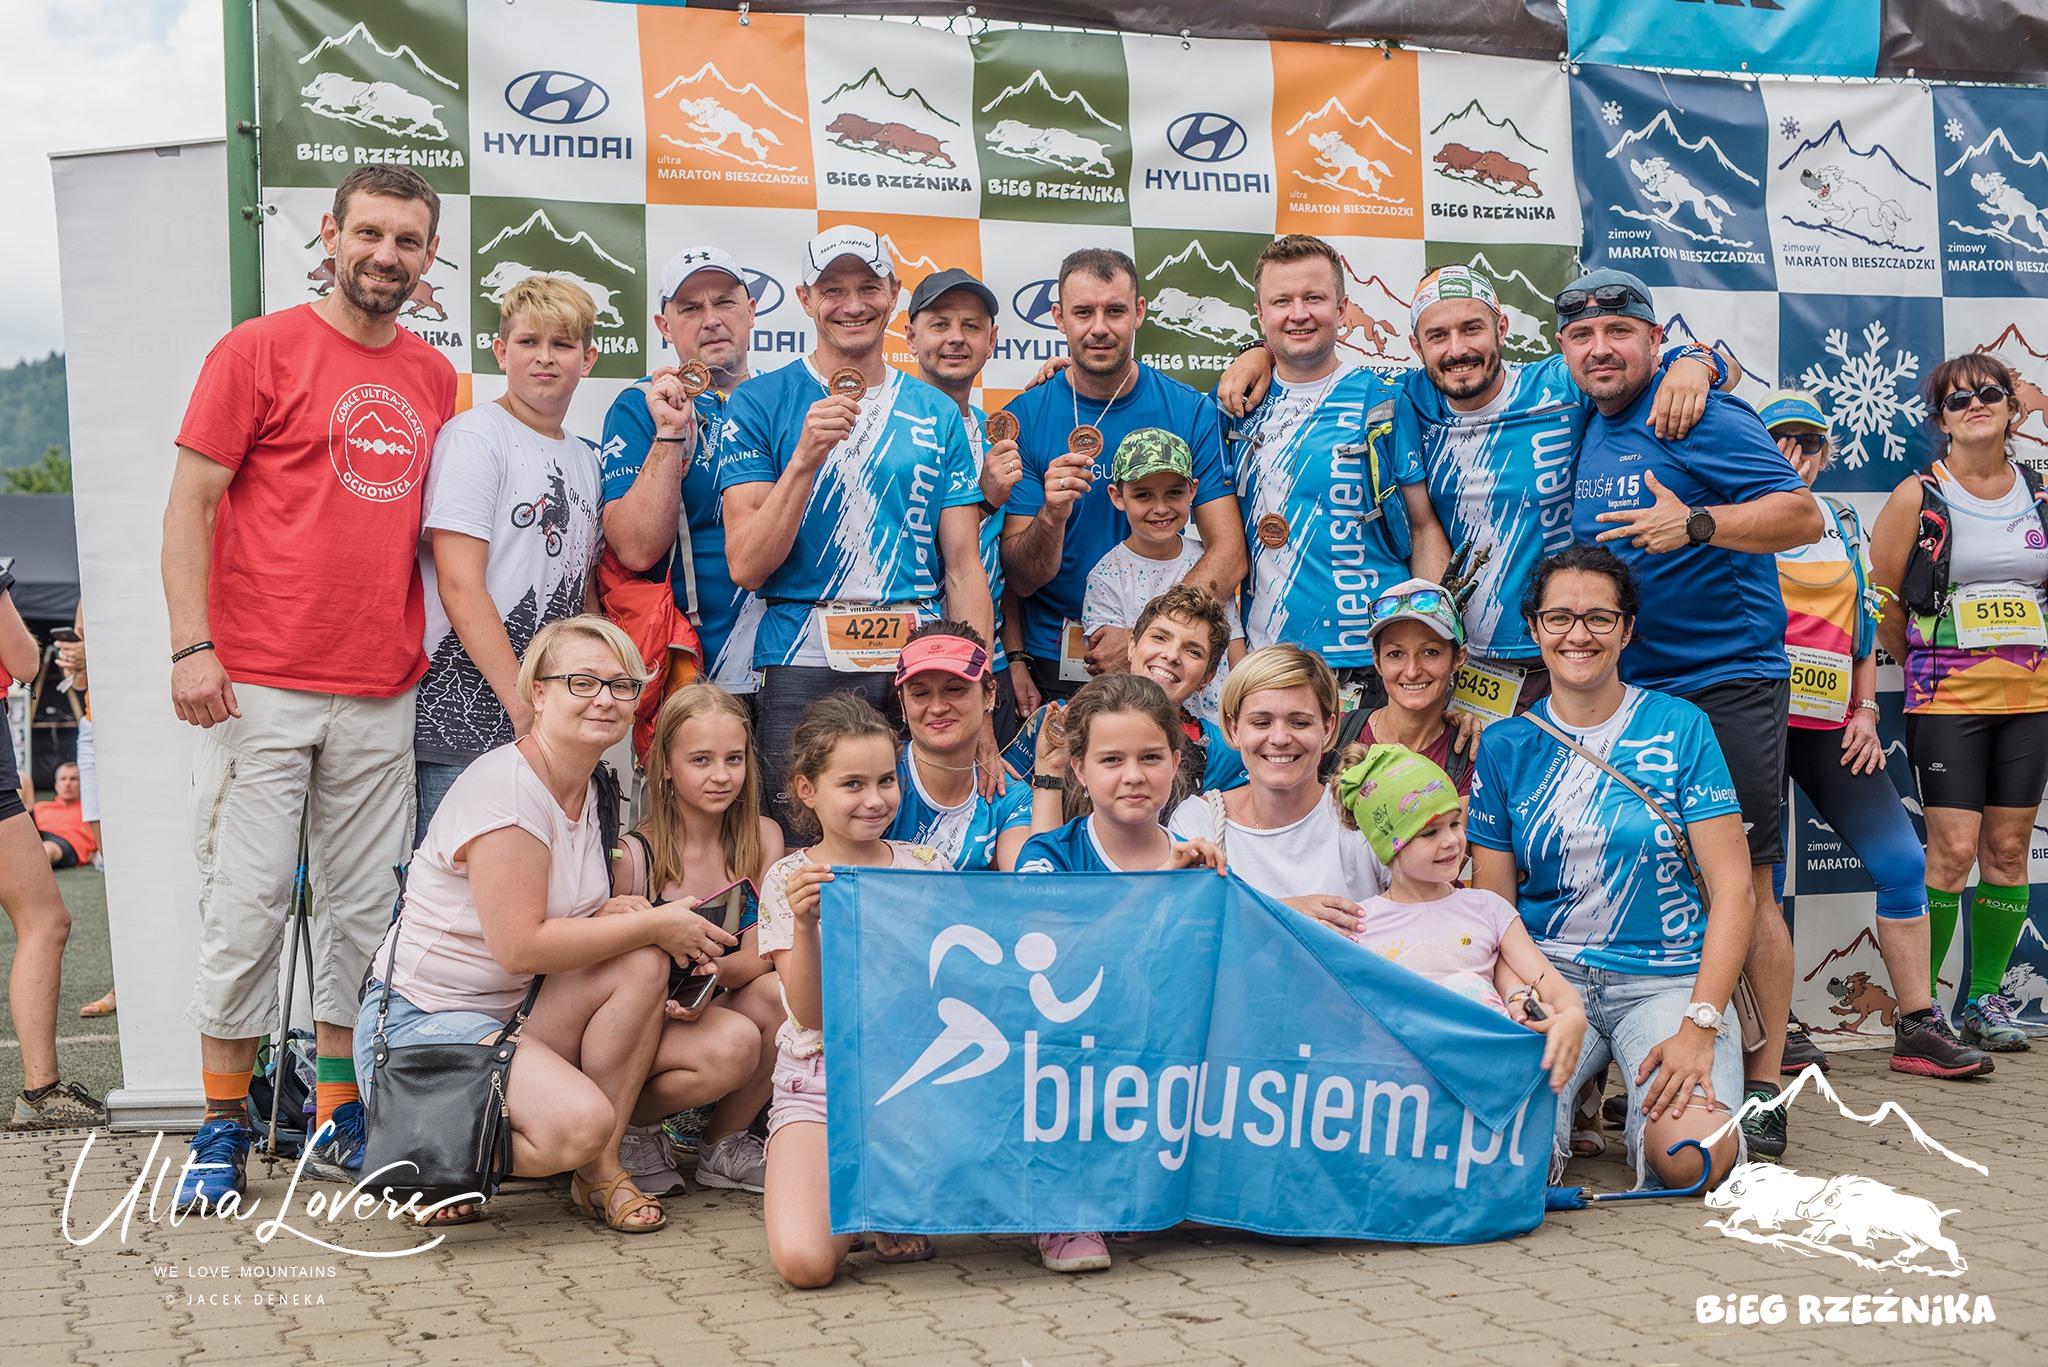 Od wielu lat Paulina działa w klubie Biegusiem.pl, organizując i wspierając inicjatywy biegowe (organizacja biegów, wyjazdów, akcje charytatywne). Źr.: UltraLovers (Jacek Deneka)